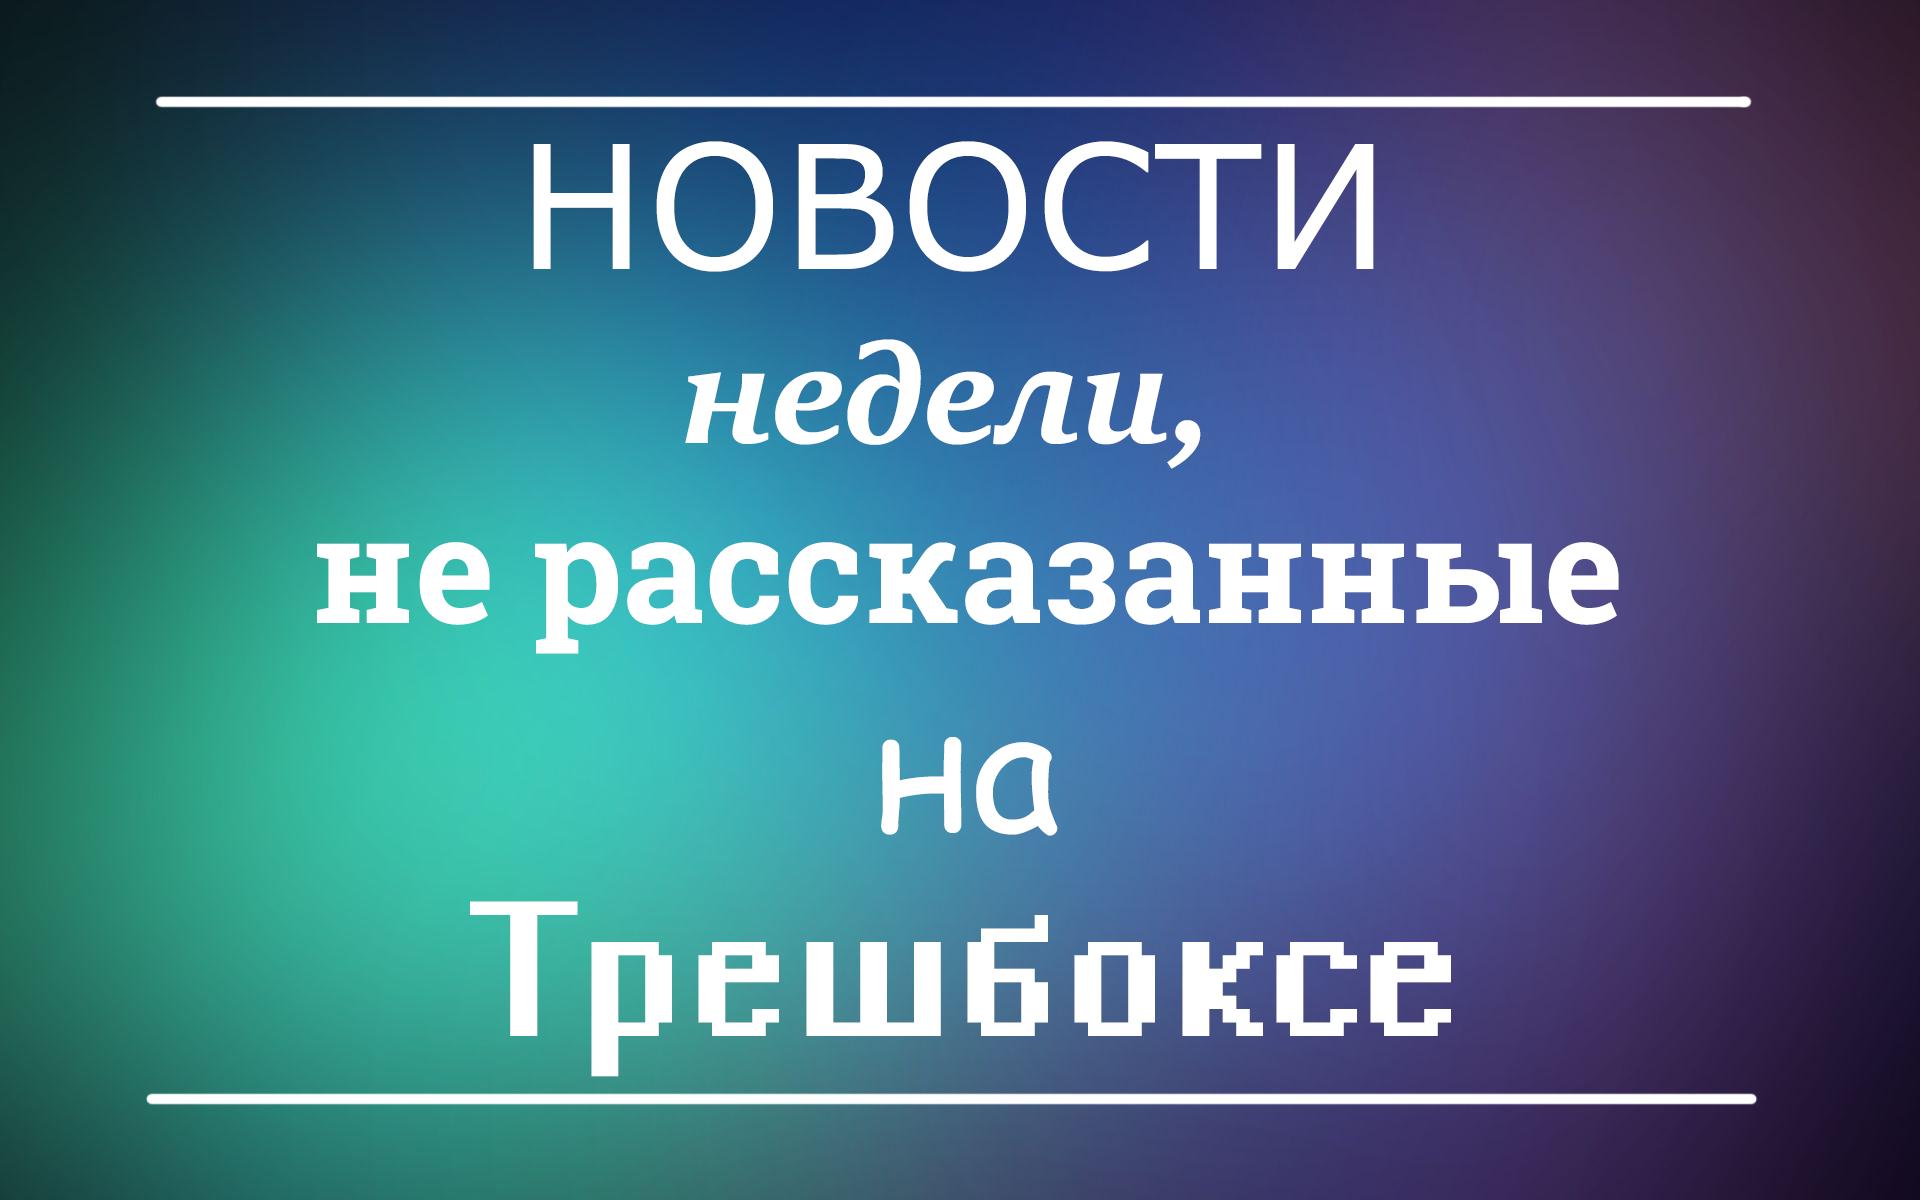 Россия вологда новости смотреть онлайн